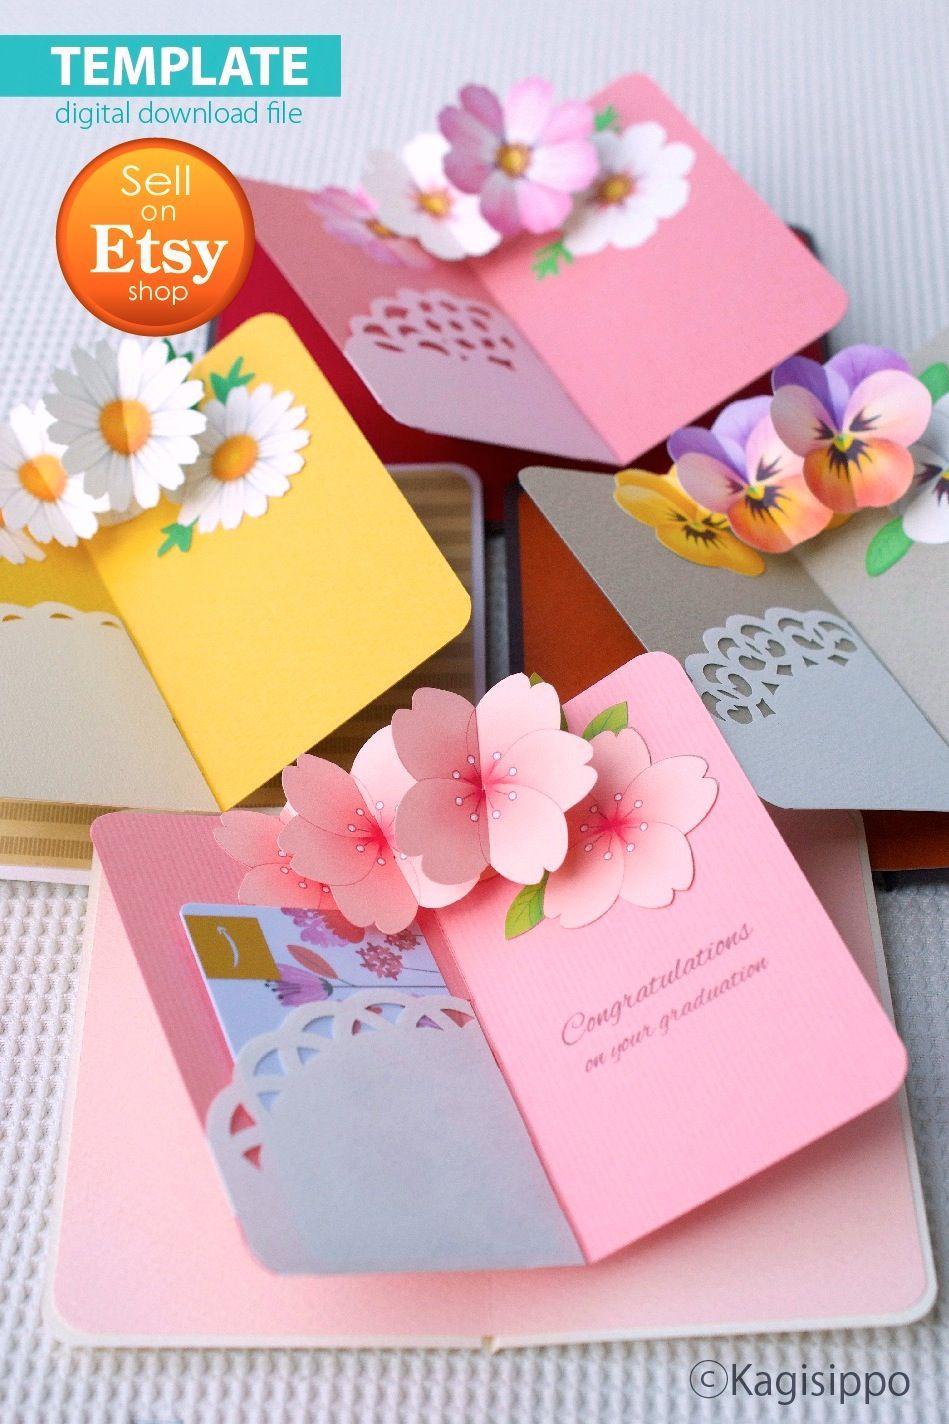 Template [Gift card holder (flowers) ] pop-up card (PDF_digital download file)